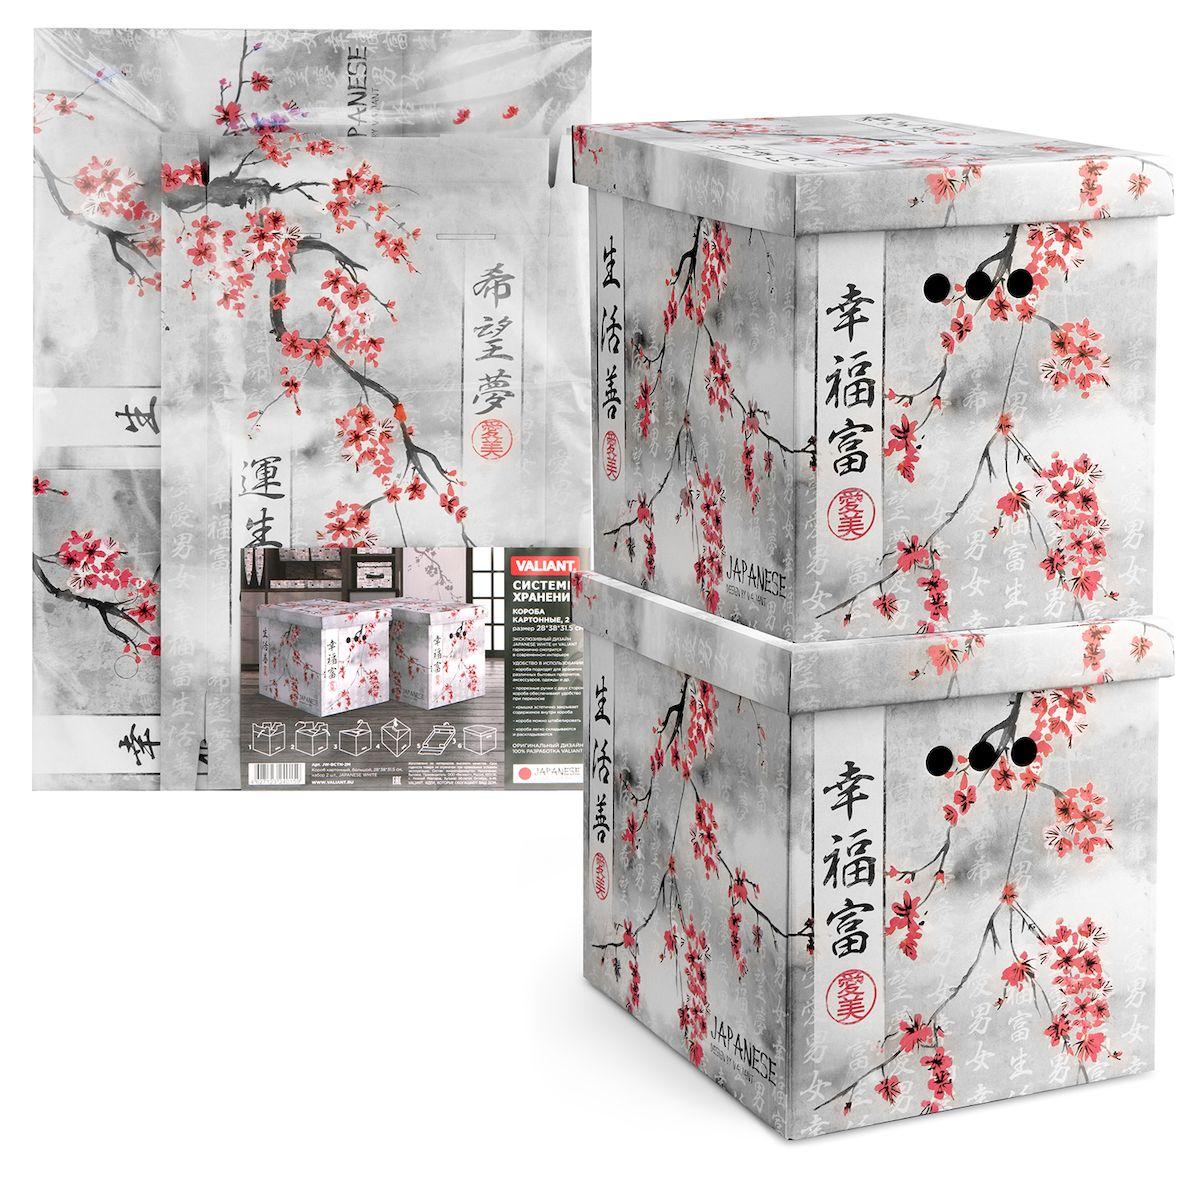 Короб для хранения Valiant Japanese White, складной, 28 х 38 х 31,5 см, 2 штJW-BCTN-2MКороб для хранения Valiant Japanese White изготовлен из картона. Изделие легко и быстро складывается. Оснащен крышкой и тремя отверстиями, которые позволяют удобно его выдвигать. Такой короб прекрасно подойдет для хранения бытовых мелочей, аксессуаров для рукоделия и других мелких предметов. С ним все мелкие вещи будут храниться аккуратно и не потеряются. Размер изделия (в собранном виде): 28 х 38 х 31,5 см.